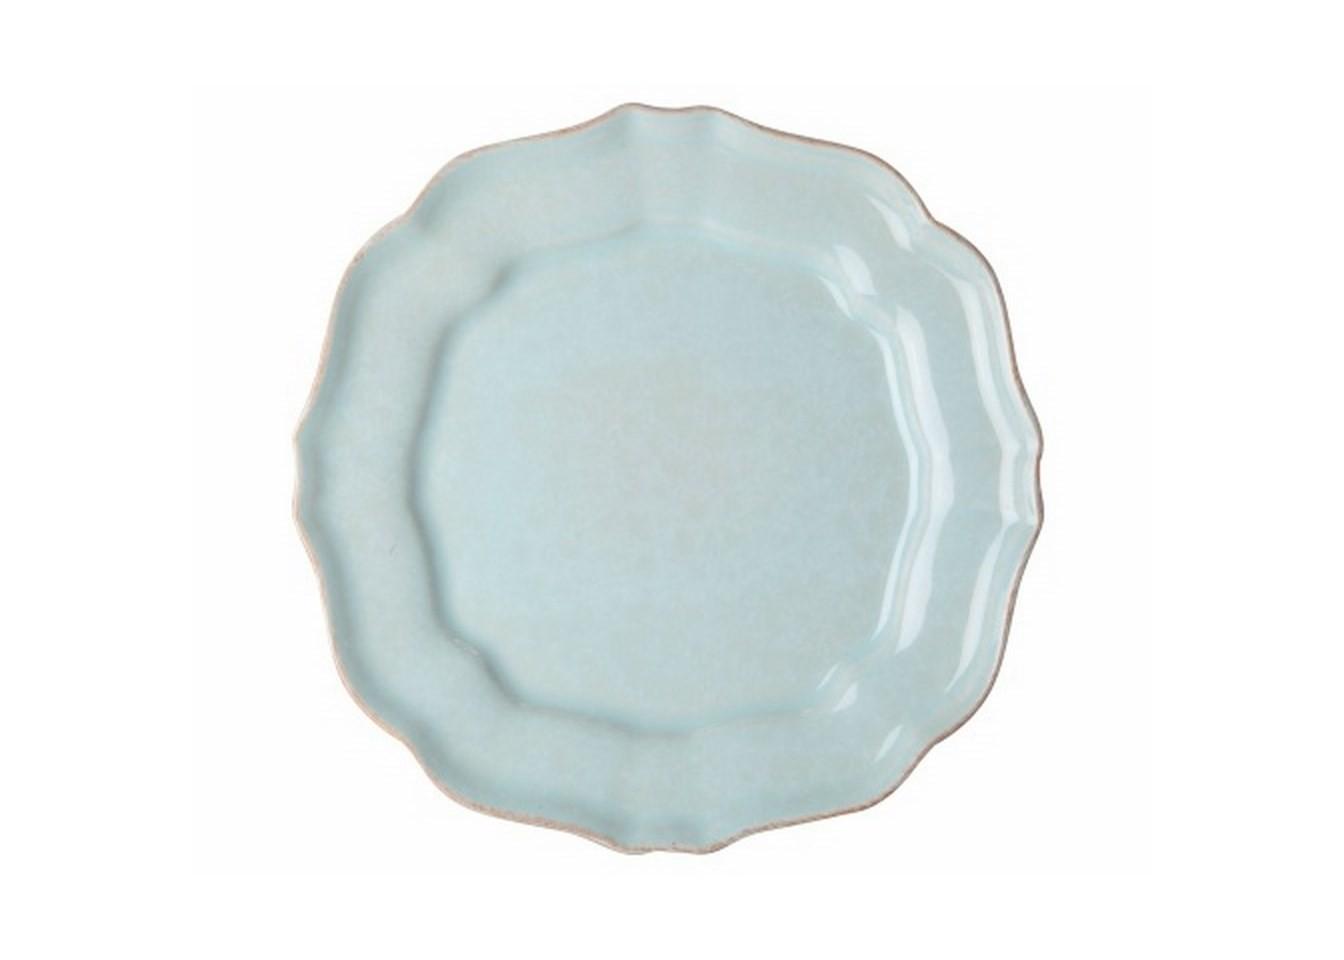 ТарелкаТарелки<br>&amp;lt;span style=&amp;quot;line-height: 22.7272px;&amp;quot;&amp;gt;Costa Nova (Португалия) – керамическая посуда из самого сердца Португалии. Керамическая посуда Costa Nova абсолютно устойчива к мытью, даже в посудомоечной машине, ее вполне можно использовать для замораживания продуктов и в микроволновой печи, при этом можно не бояться повредить эту великолепную глазурь и свежие краски. Такую посуду легко мыть, при ее очистке можно использовать металлические губки – и все это благодаря прочному глазурованному покрытию. Все серии посуды от Costa Nova отвечают международным стандартам качества. Керамическая посуда от Costa Nova не содержит такие вещества, как свинец и кадмий.&amp;lt;/span&amp;gt;<br><br>Material: Керамика<br>Diameter см: 34